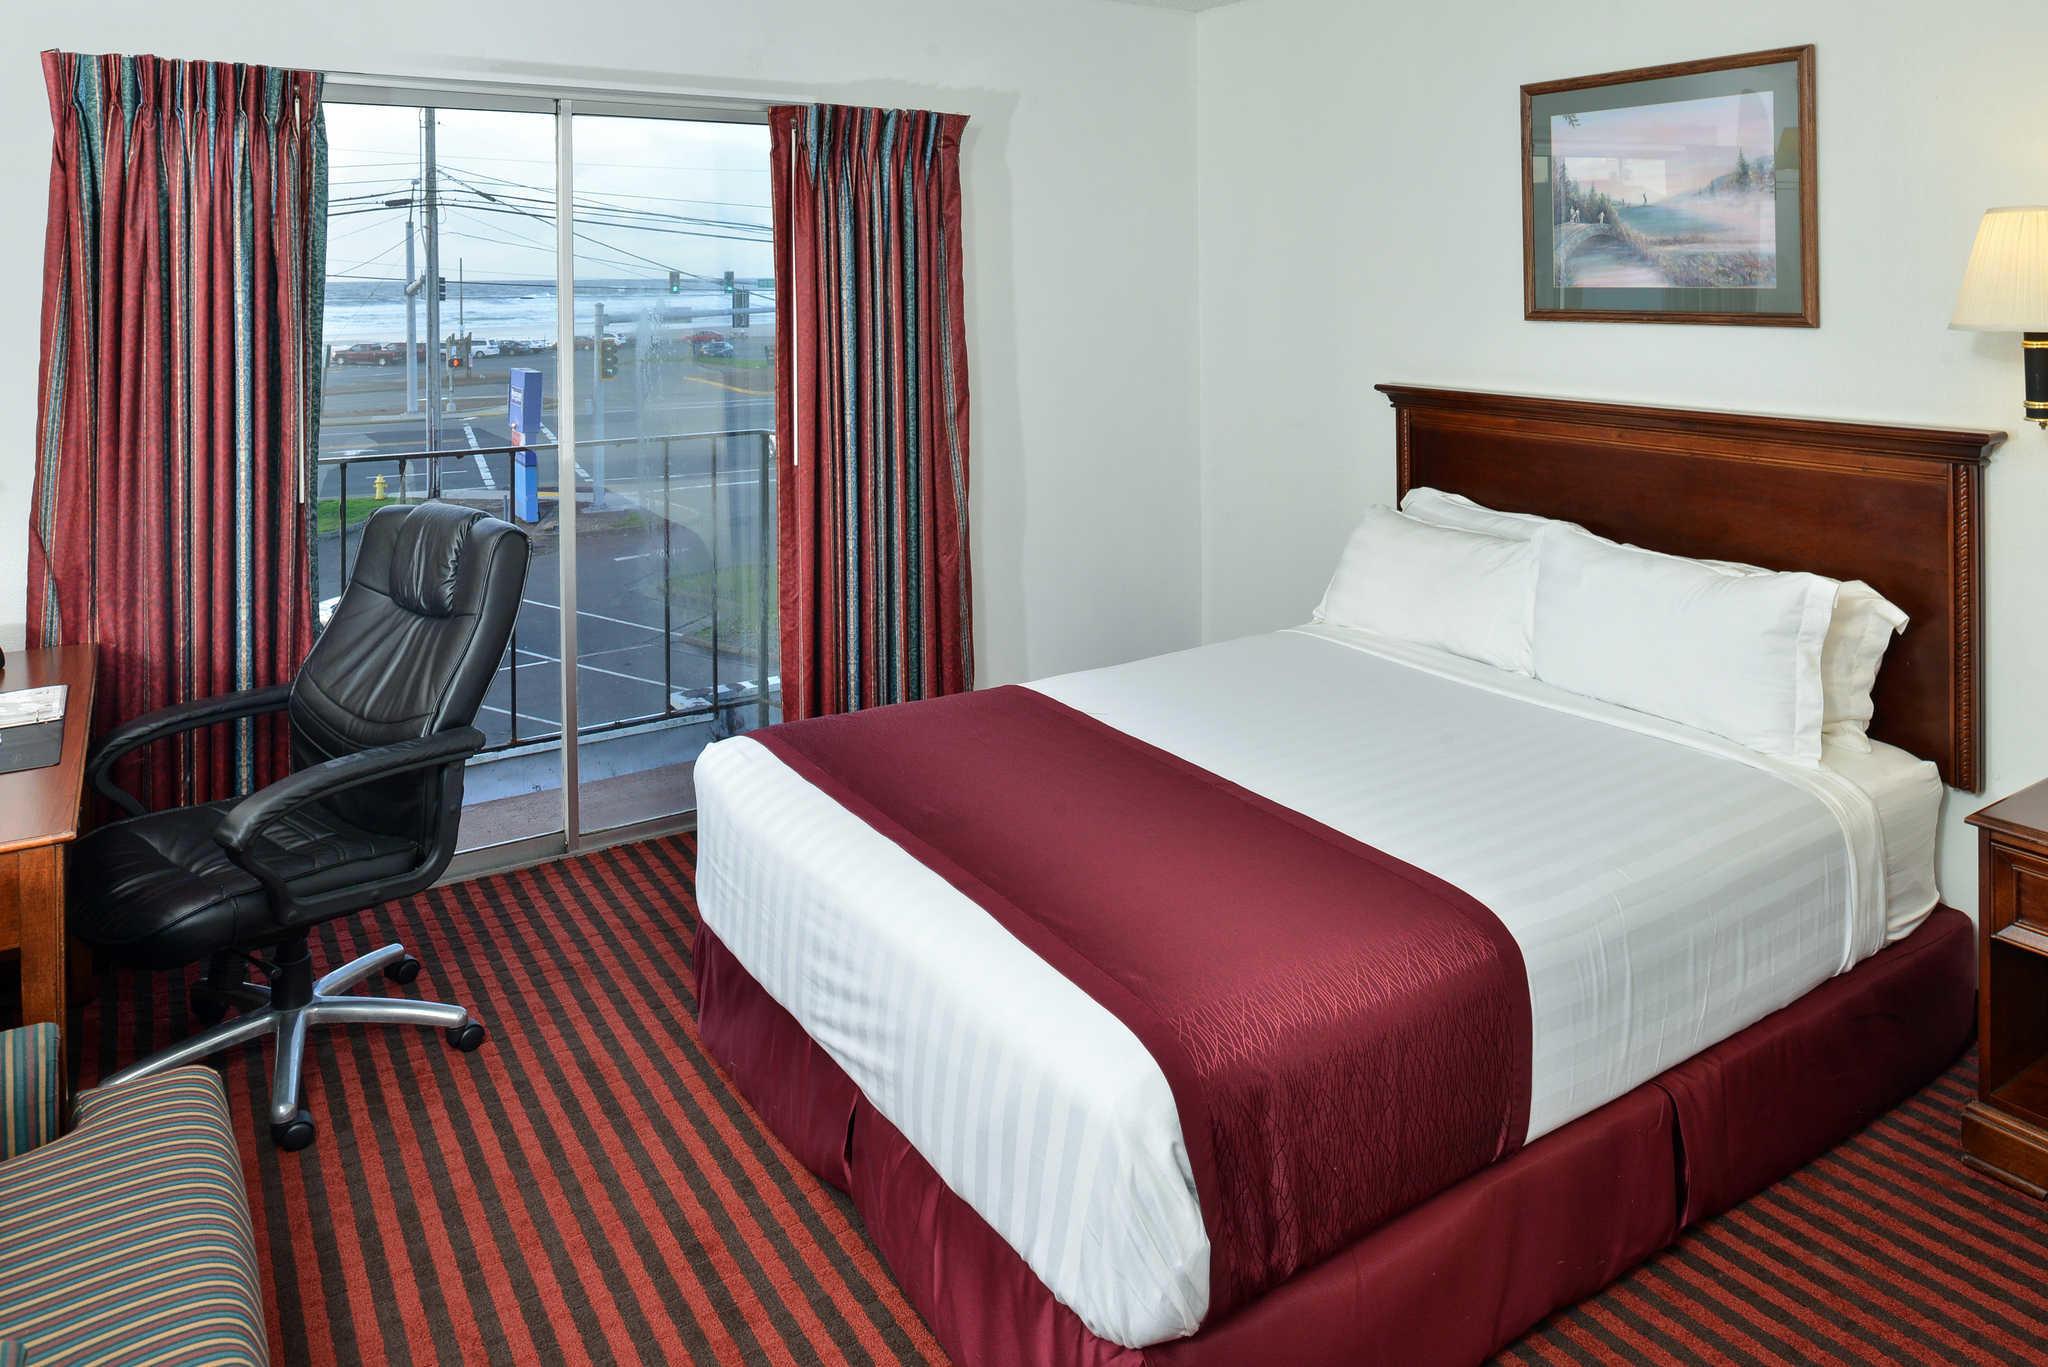 Rodeway Inn & Suites - Closed image 5